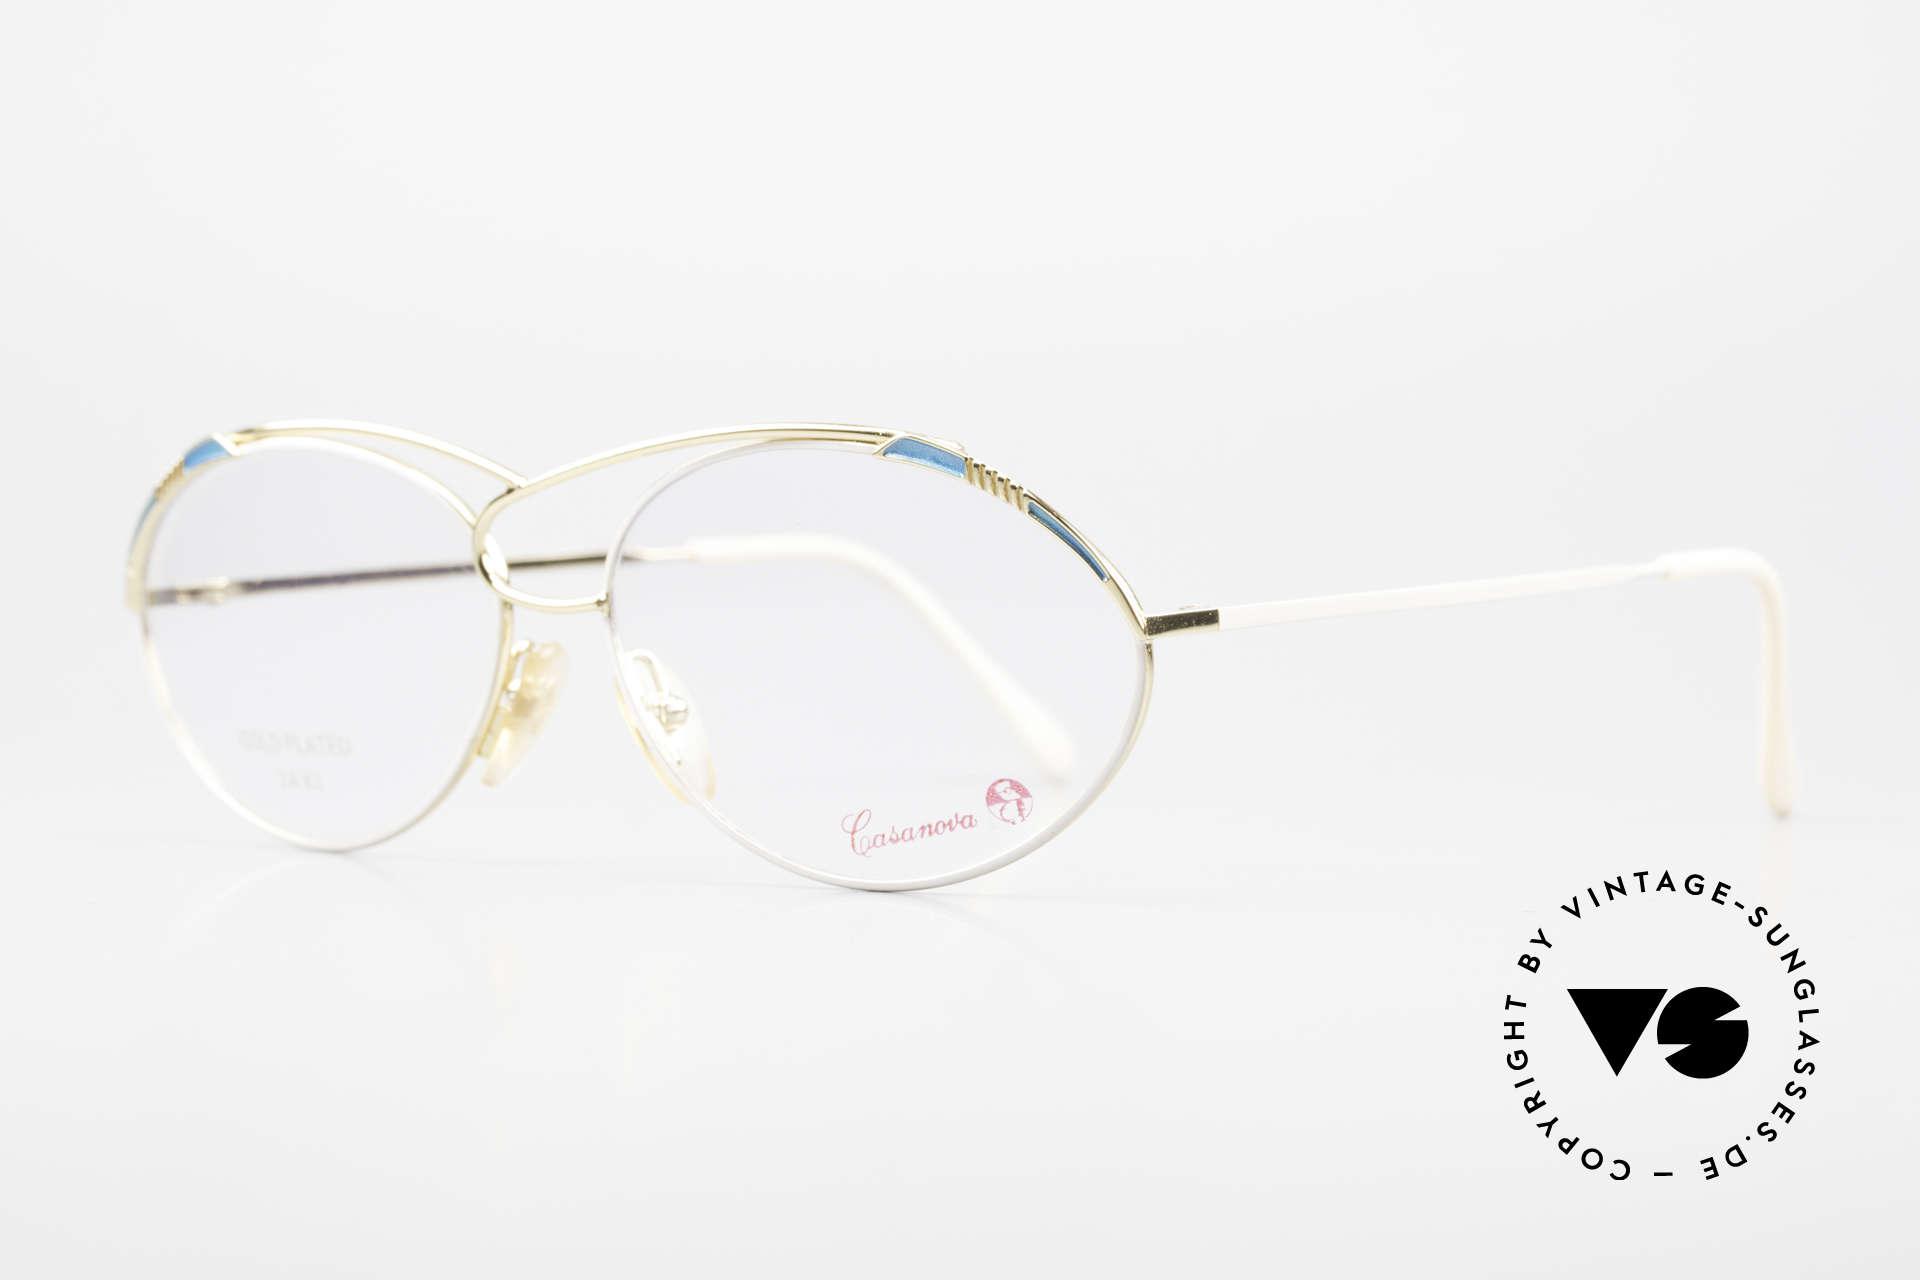 Casanova LC13 24kt Vergoldete Vintage Brille, äußerst hochwertige, 24kt vergoldete vintage Fassung, Passend für Damen